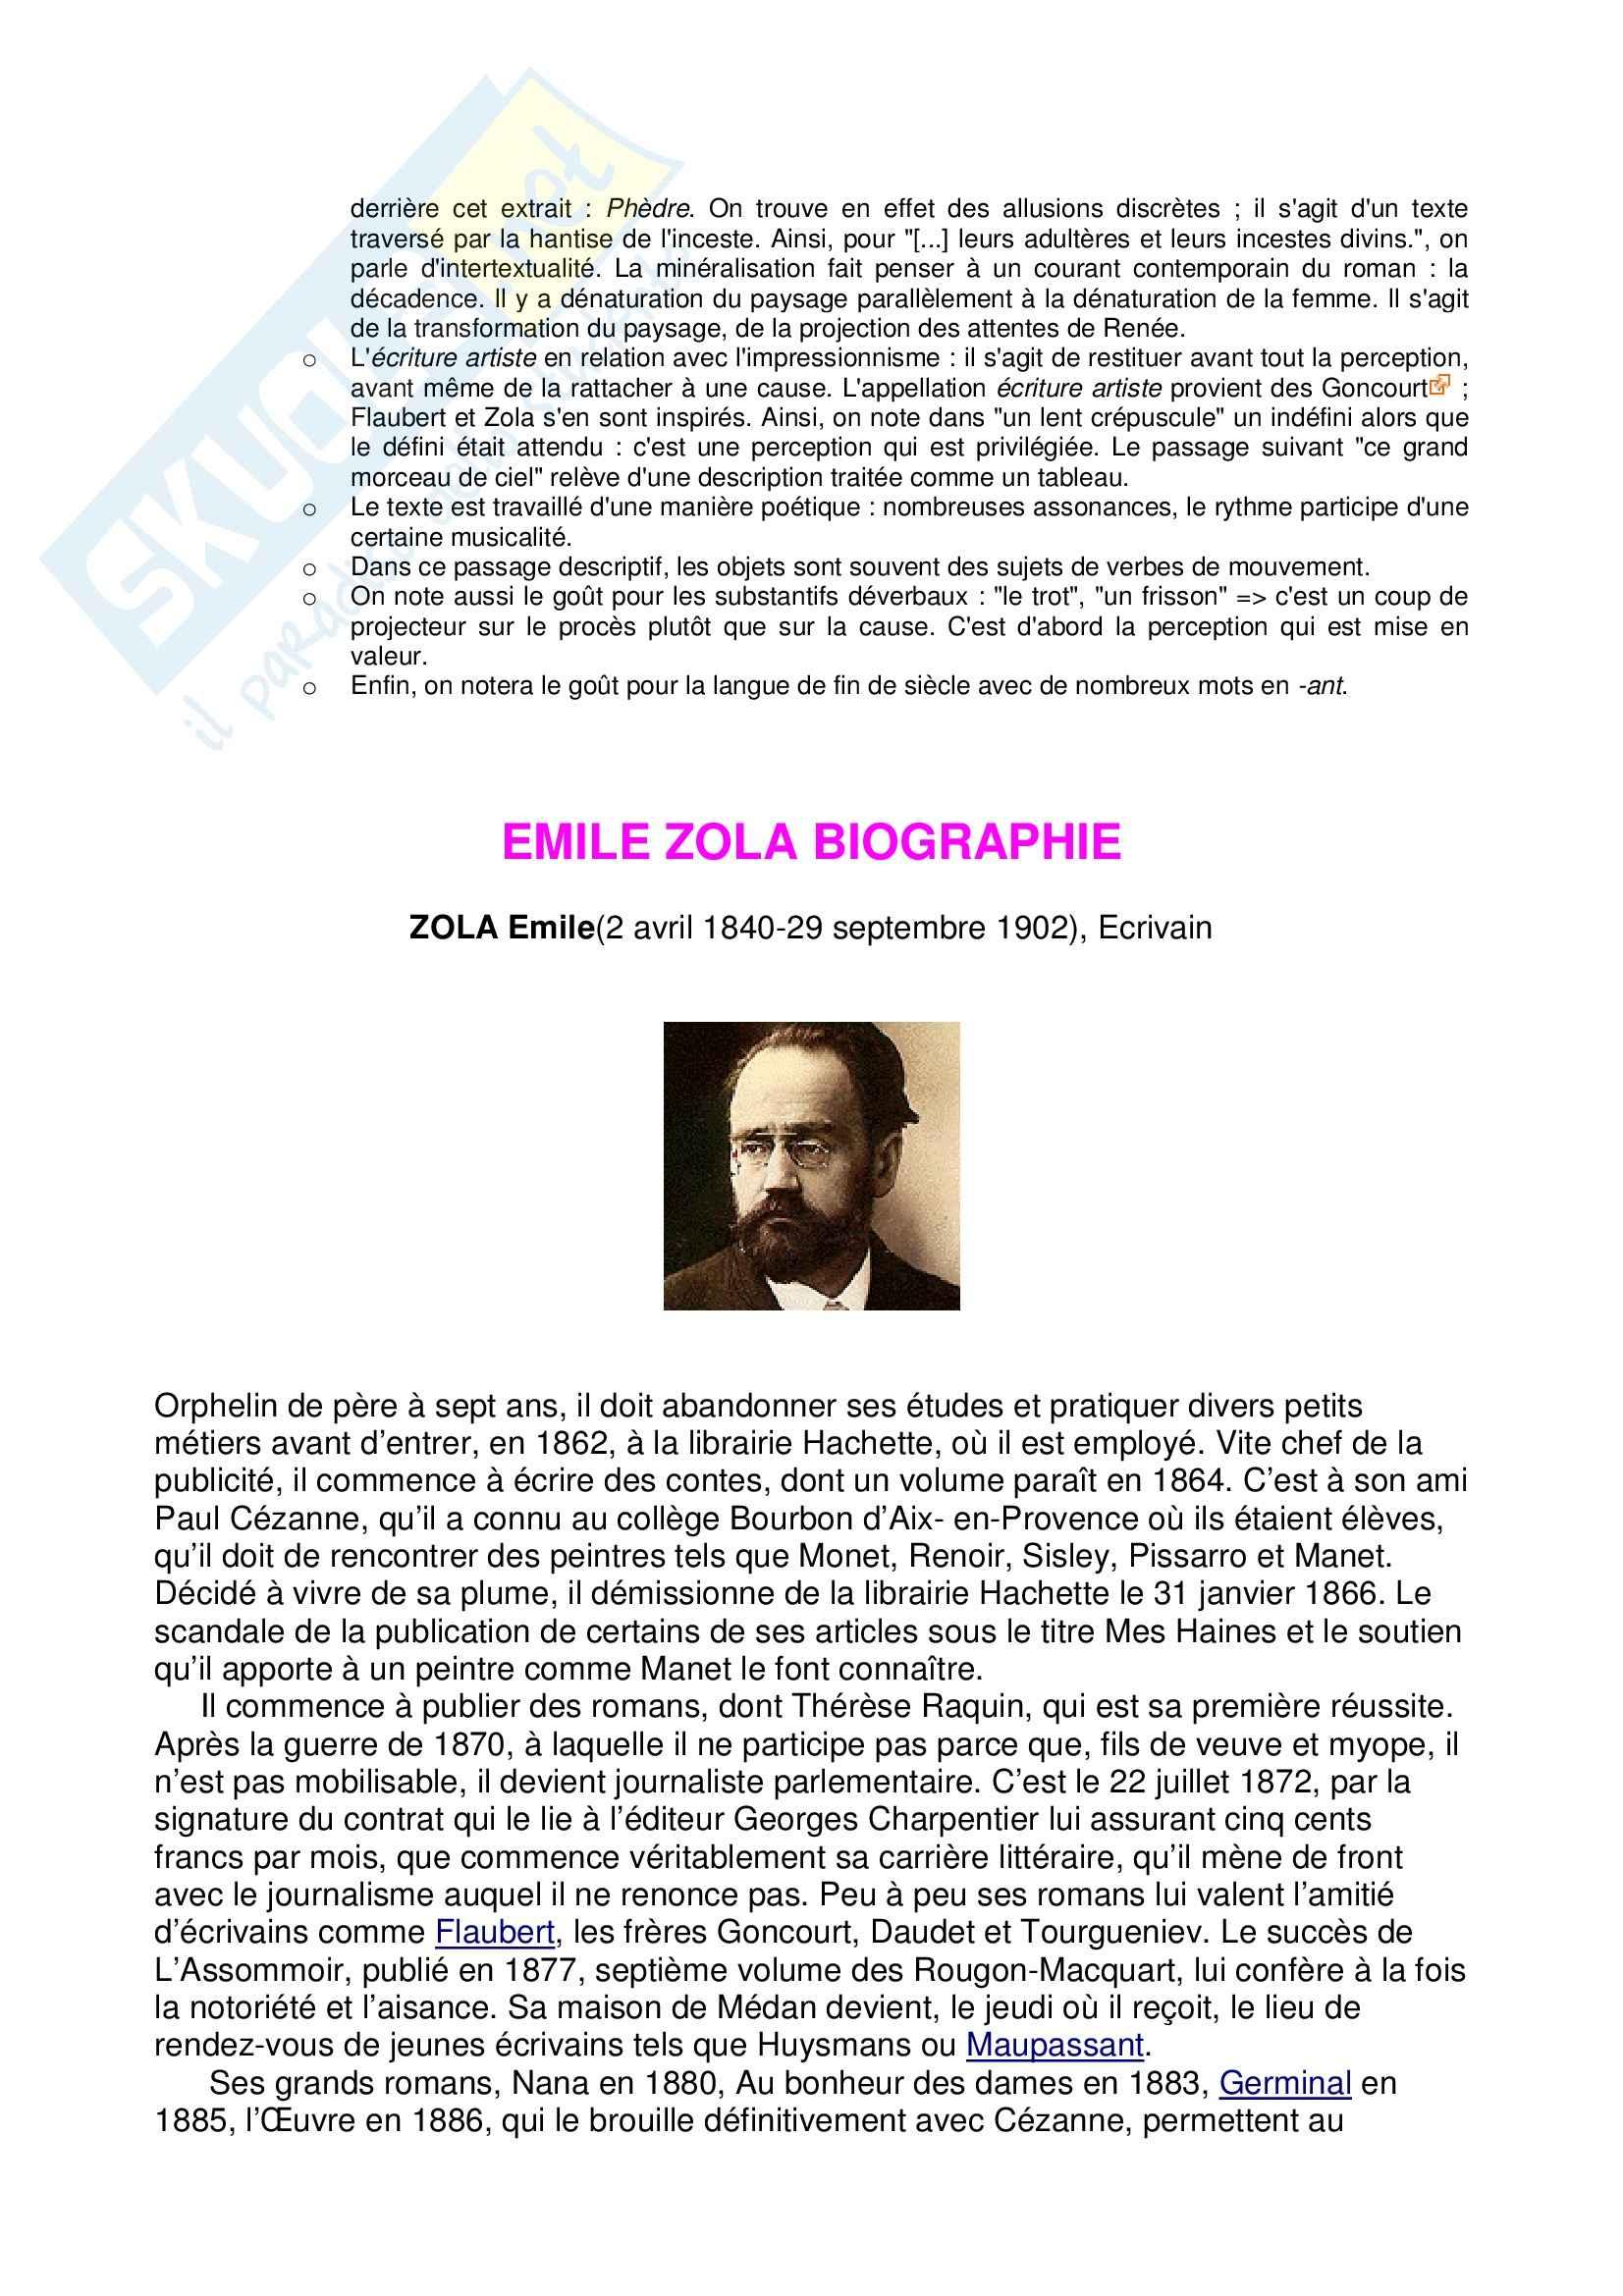 Zola e la Curèe Pag. 6